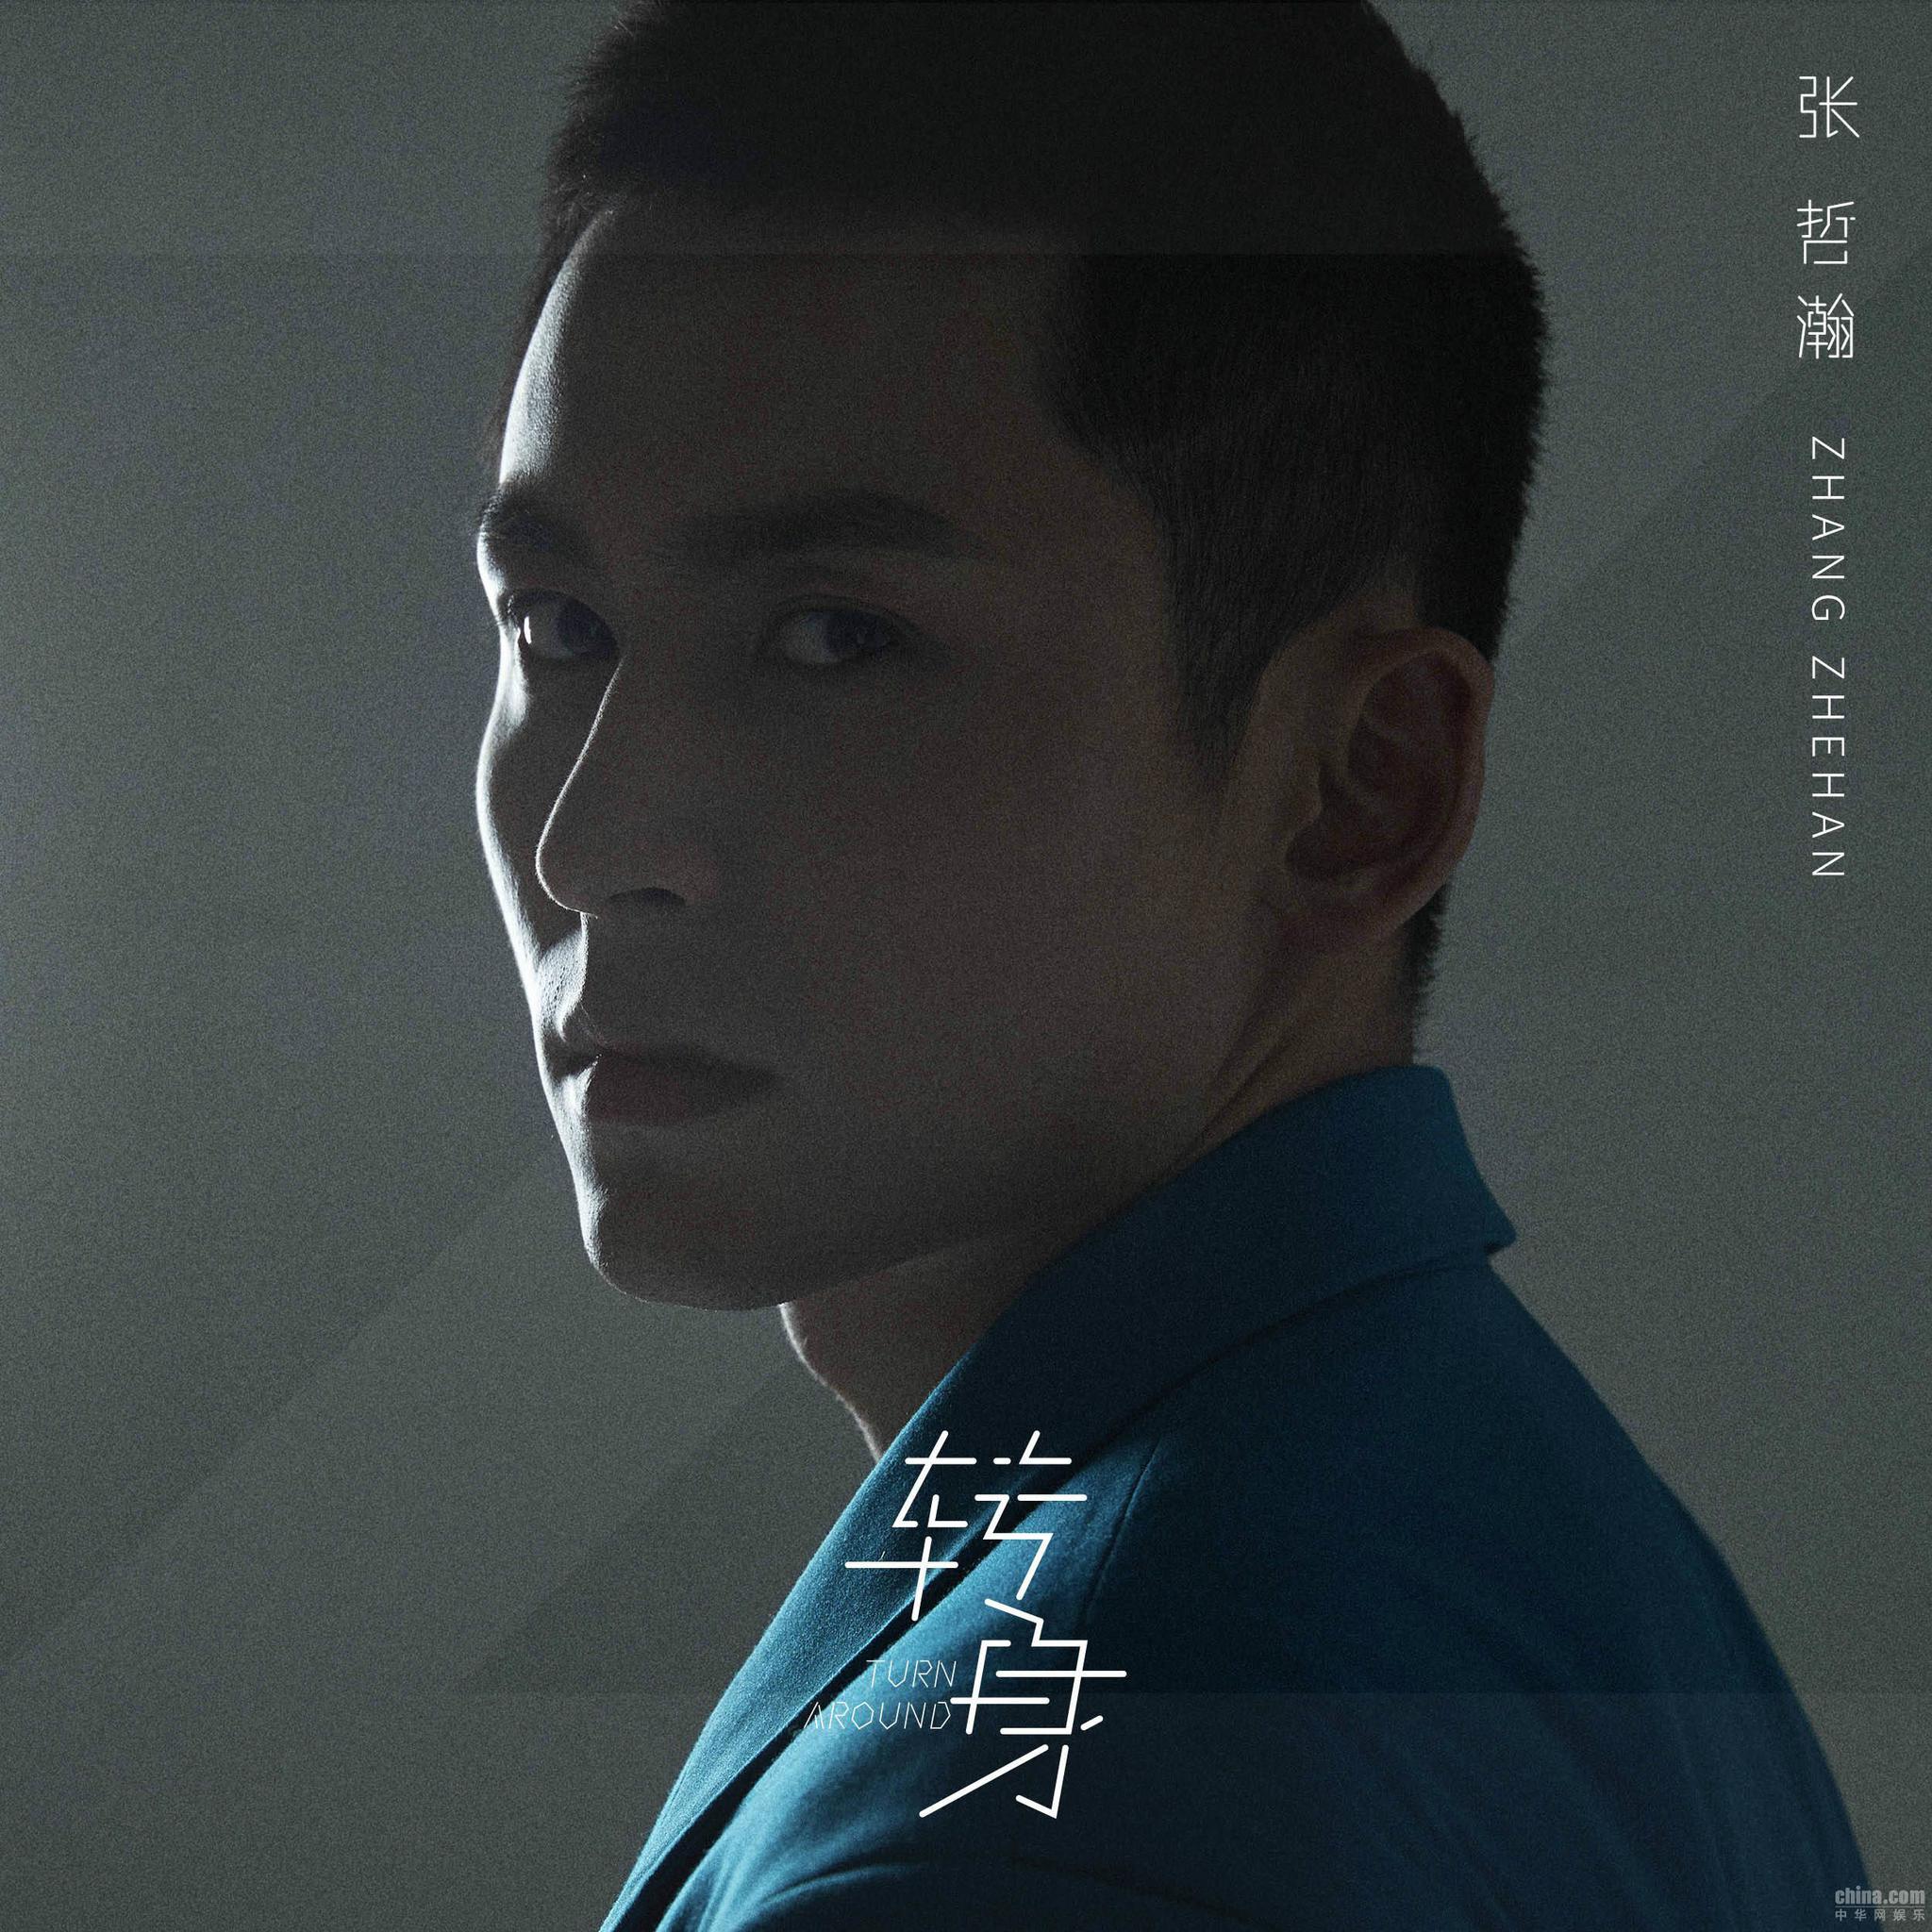 张哲瀚解锁歌手新身份 原创单曲《转身》震撼上线